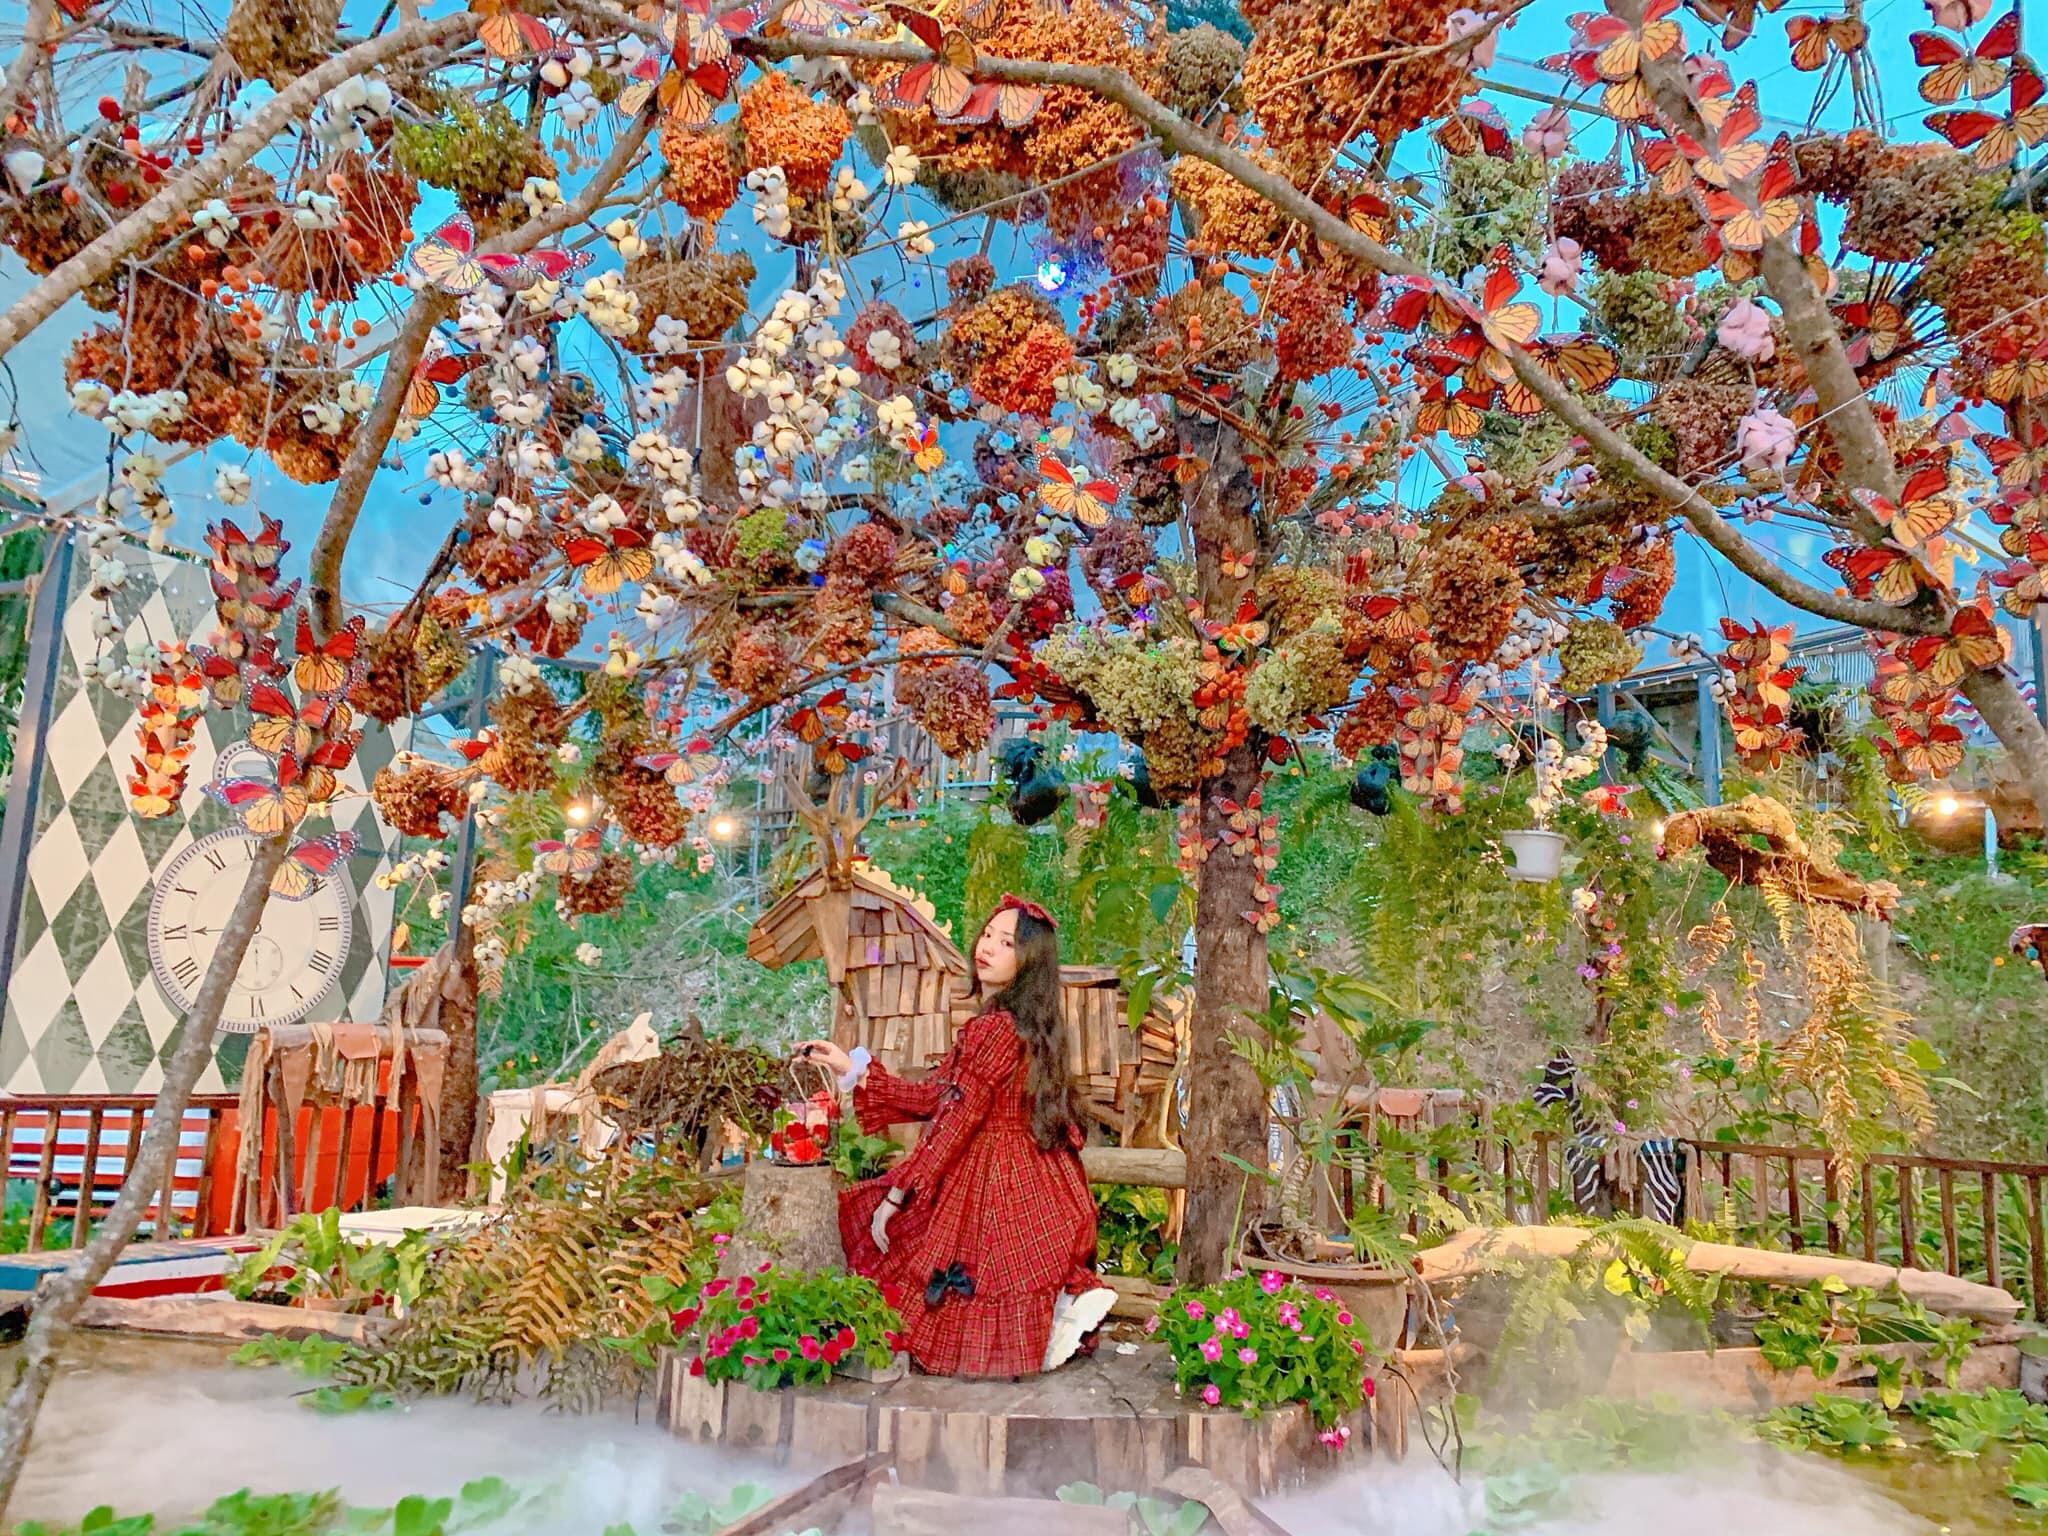 Magic Land Đà Lạt, Đà Lạt có gì chơi, Đà Lạt đi chơi ở đâu, du lịch Đà Lạt, phượt Đà Lạt